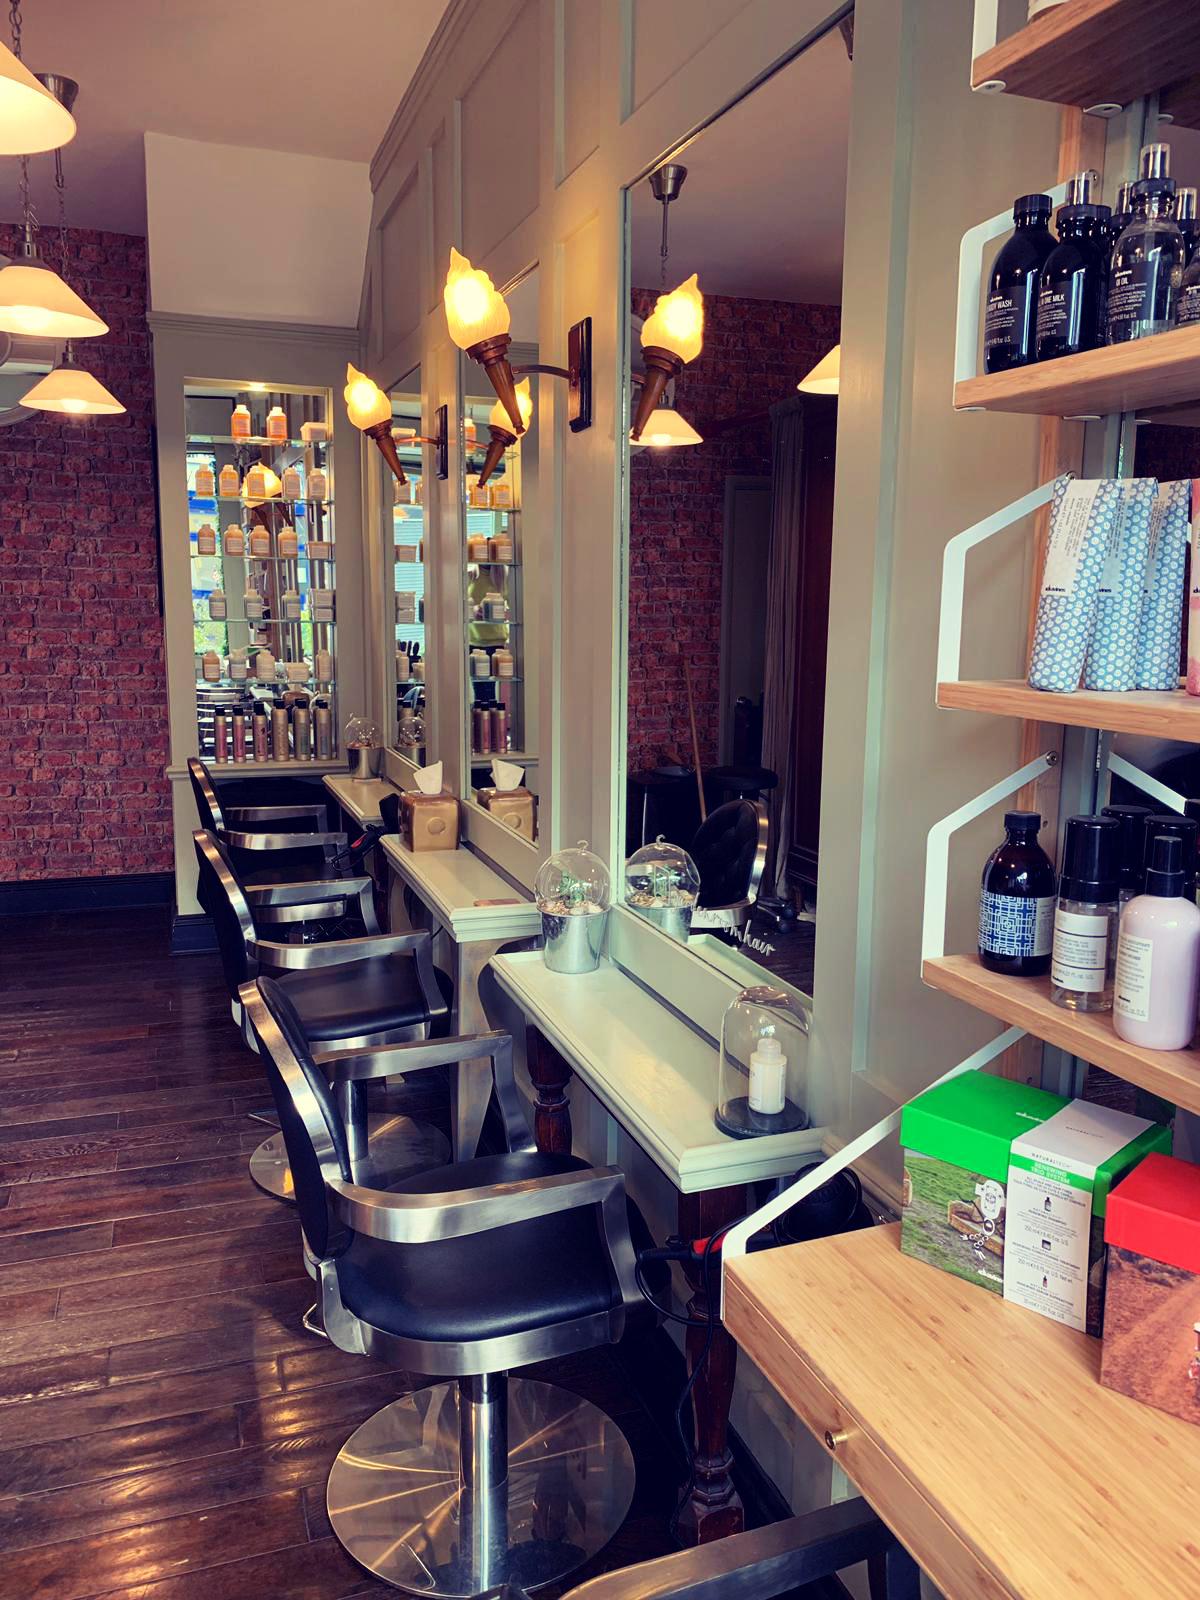 garden-room-hair-leyton-salon-image2.png